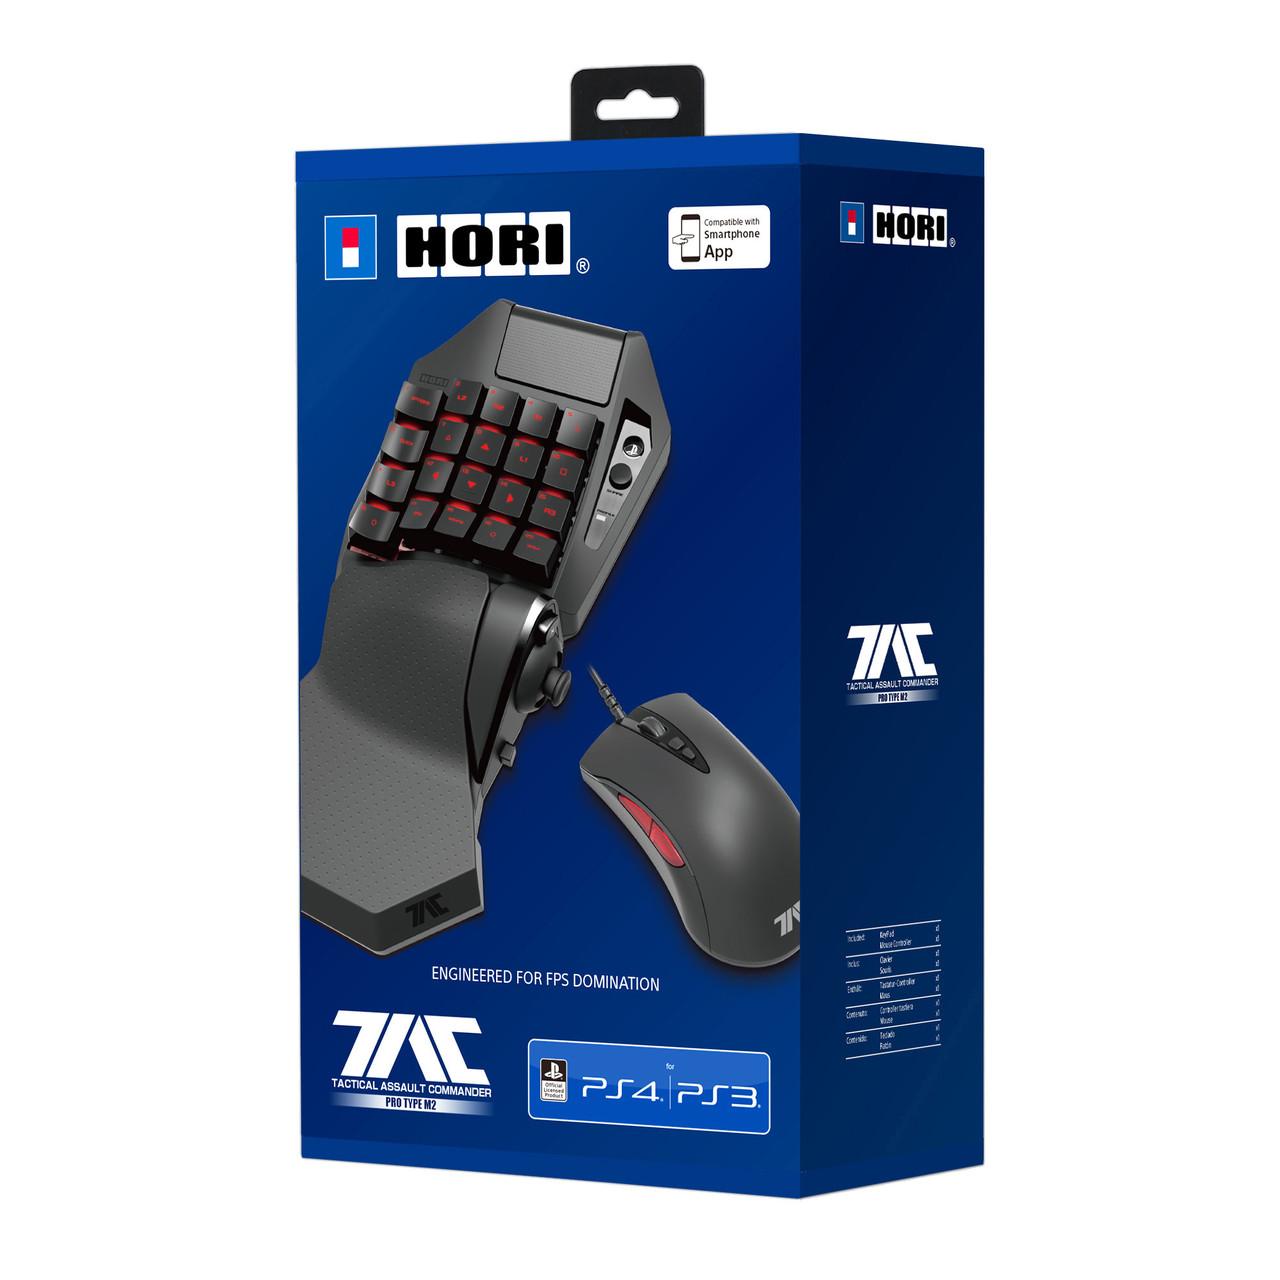 Комплект HORI Tactical Assault Commander Pro TAC Pro M2 для Playstation 4